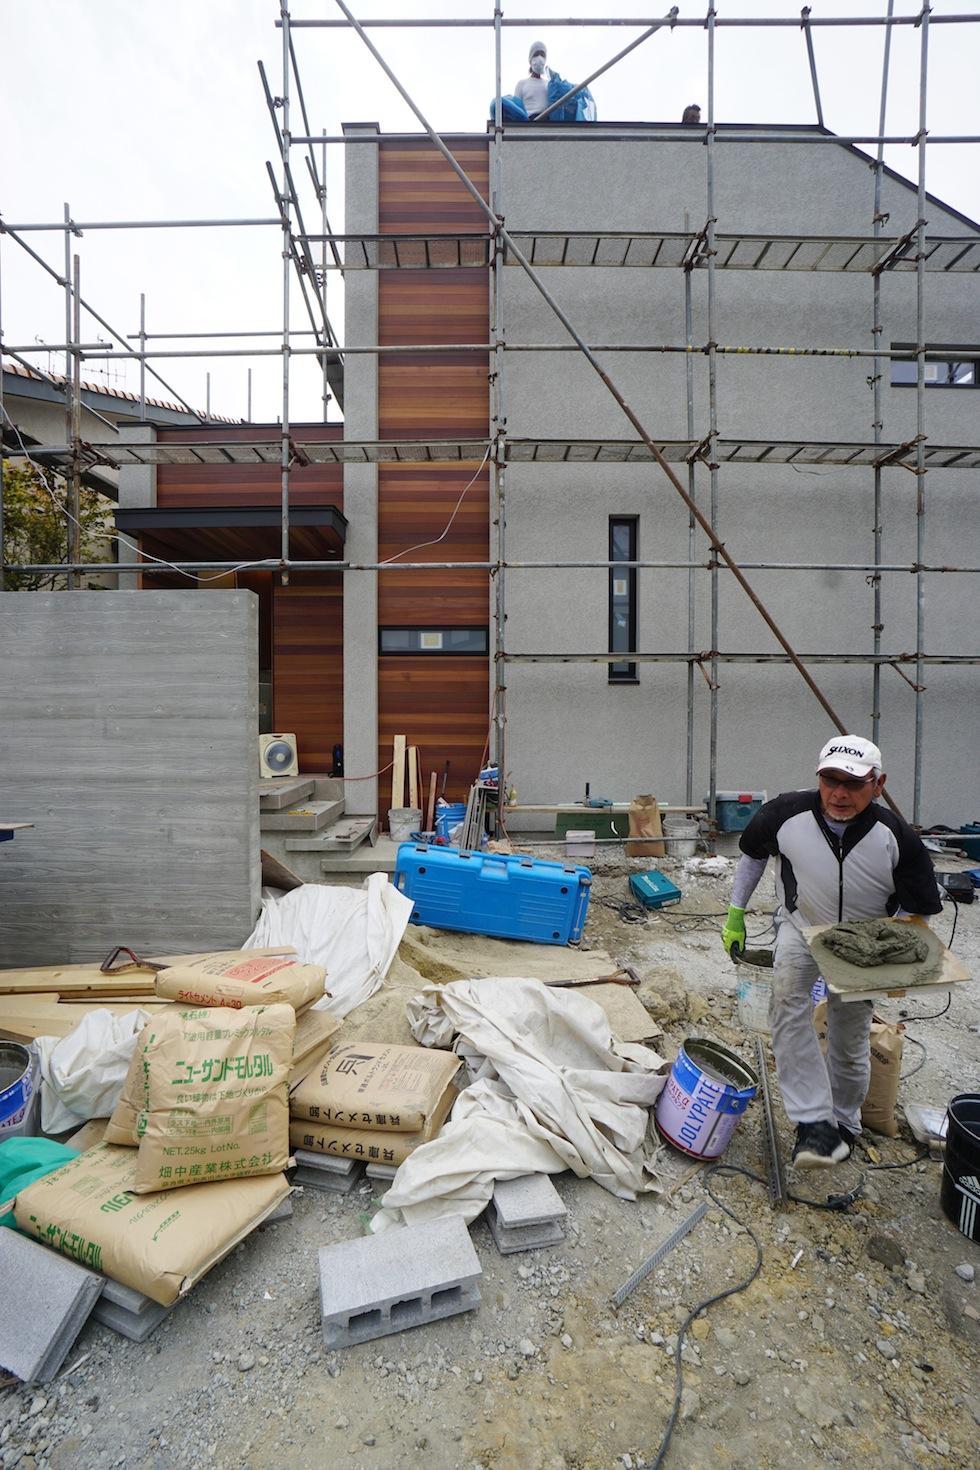 建築家,高級注文住宅設計,大阪,北摂,豊中,中庭の家,コートハウス,リゾート,水盤,ラグジュアリー,石の壁,段差リビング,グレージュ,外壁